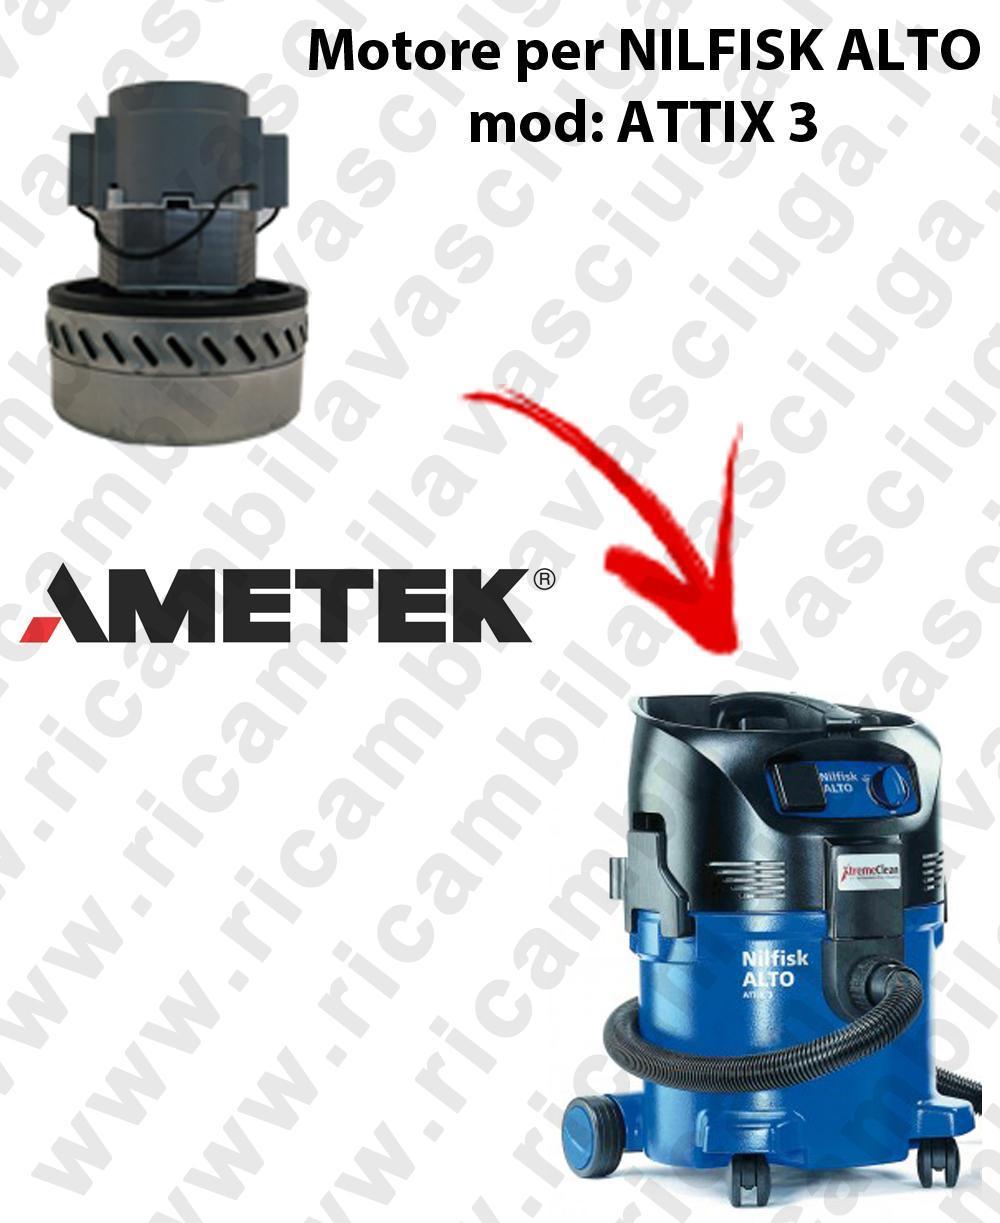 ATTIX 3 (bis 2007) Saugmotor AMETEK für Staubsauger NILFISK ALTO